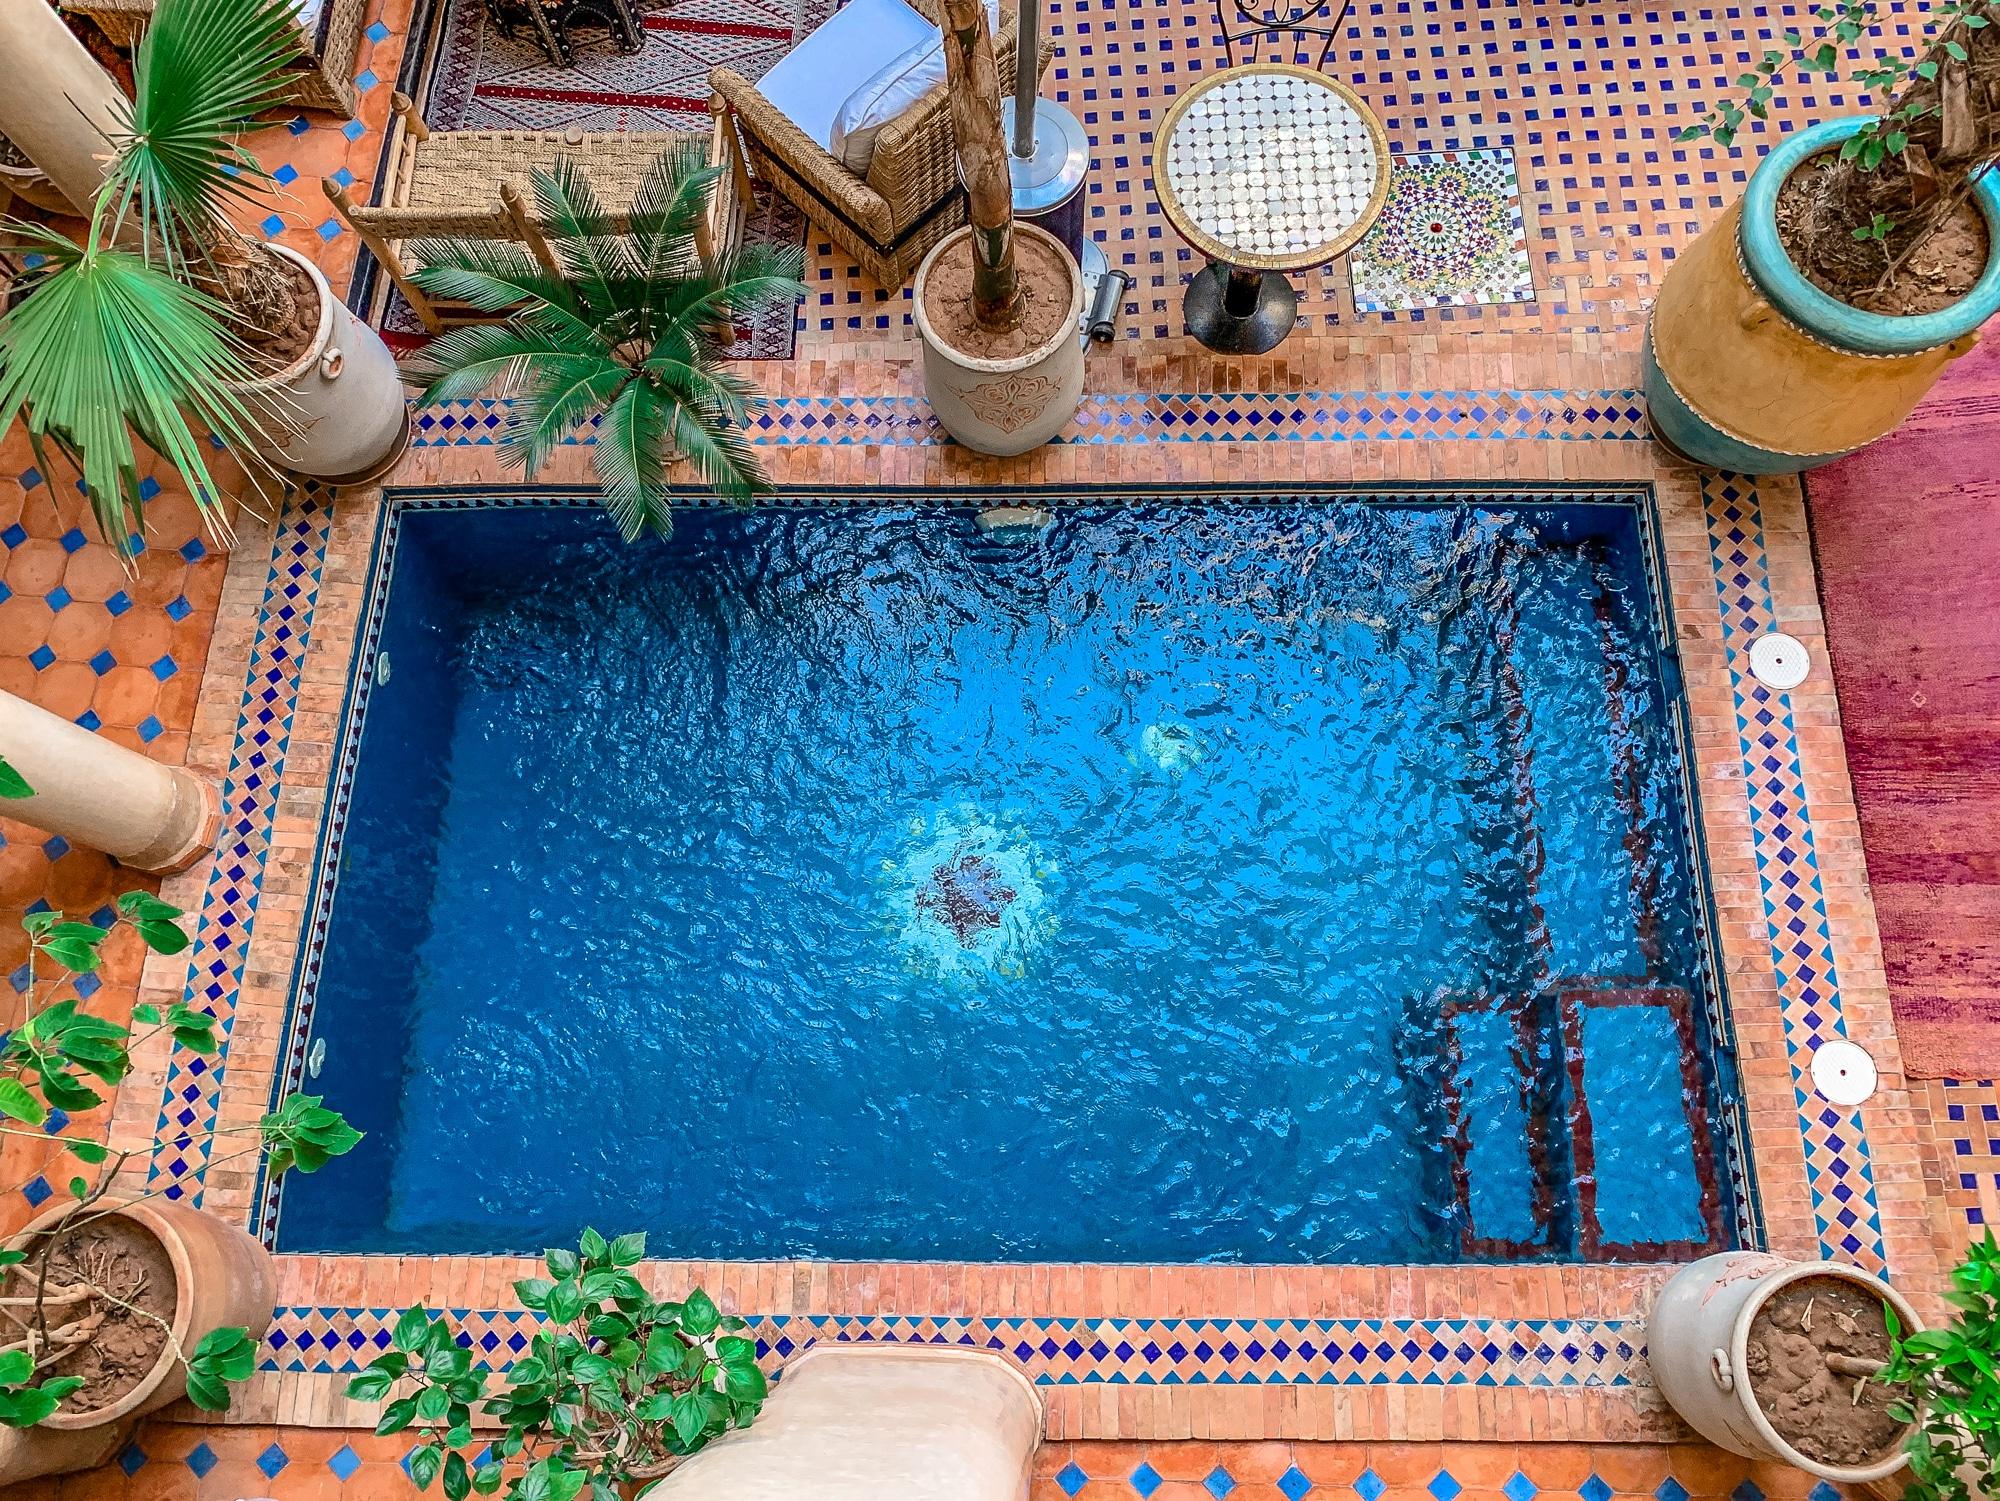 Top Ten Marrakesch Sehenswürdigkeiten - meine Marrakesch Highlights: Riad Hadda - schönste Riads in Marrakesch